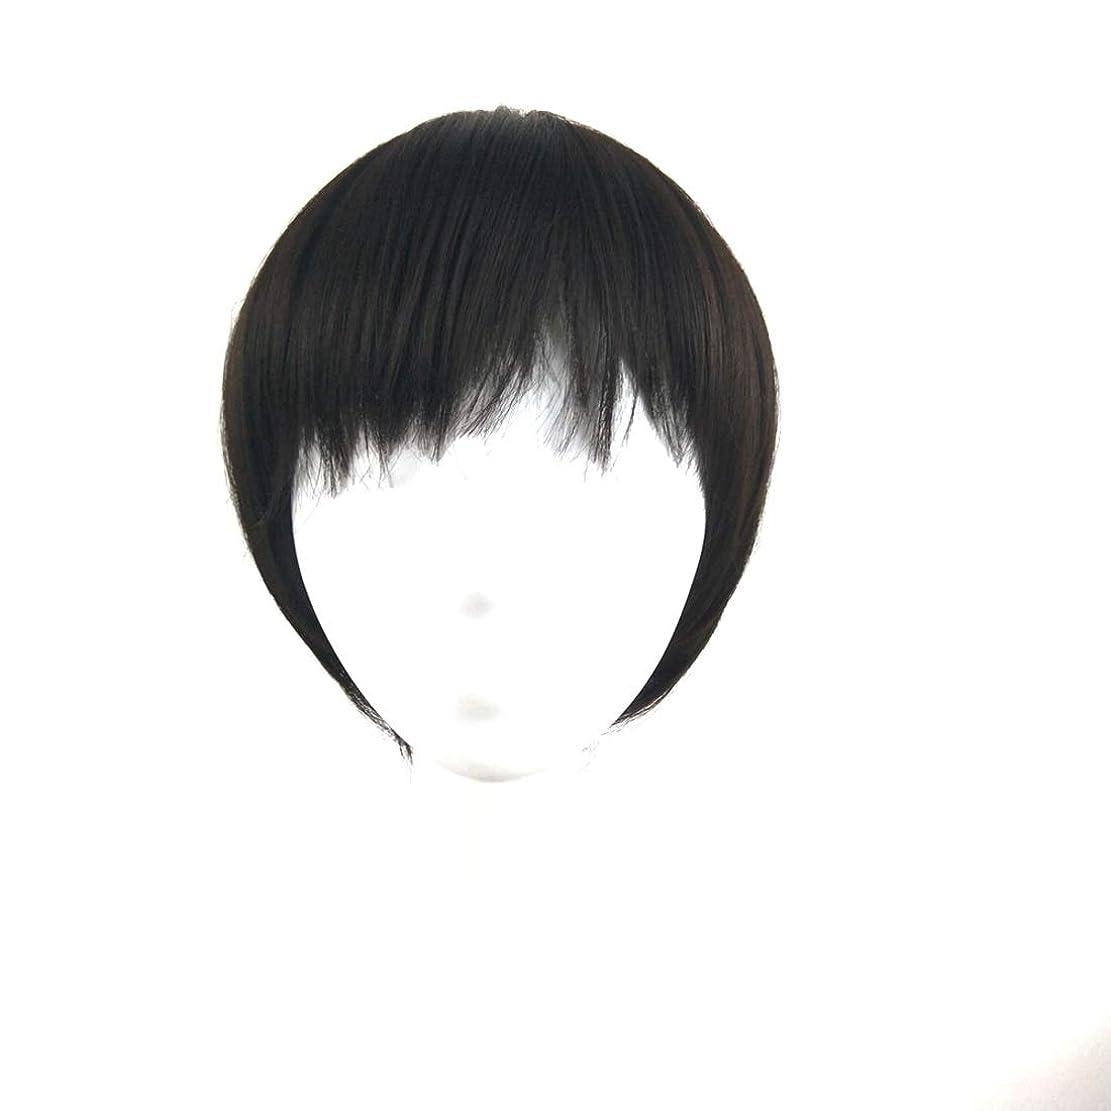 講義レクリエーションビットSummerys ウィッグショートヘア斜め前髪ウィッグヘッドギア自然に見える耐熱性女性用 (Color : Black)